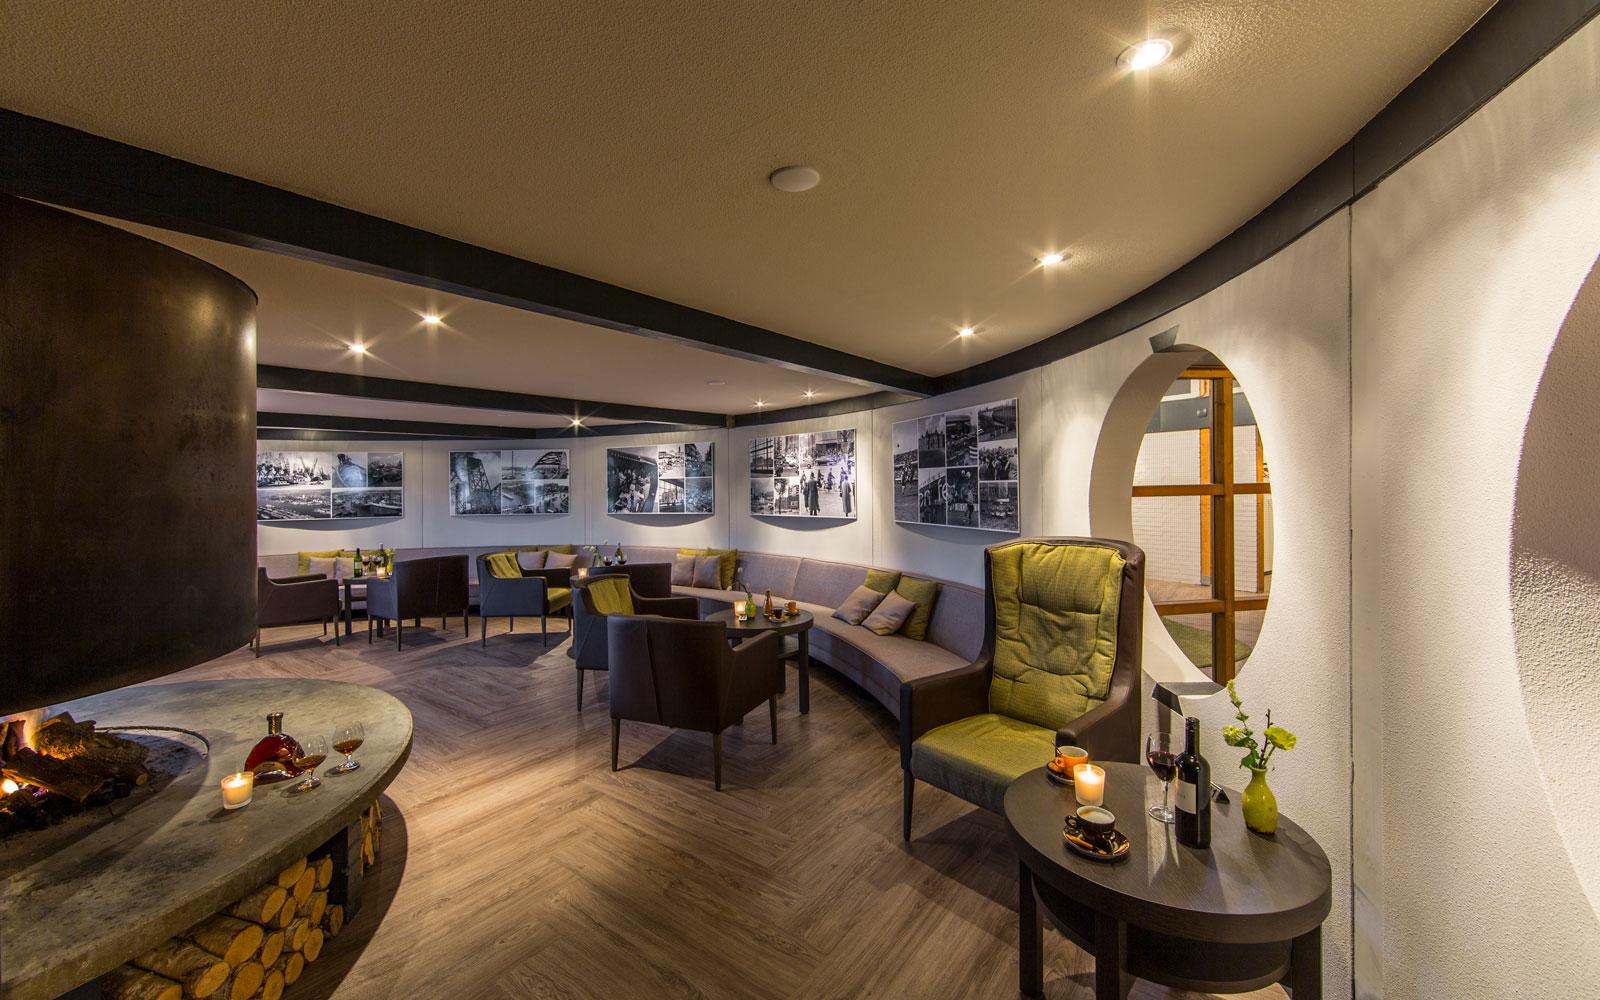 Brasserie, ronde vorm, vloer, visgraat, ronde bank, golfbaan, De Hooge Rotterdamsche, Versteegh Design